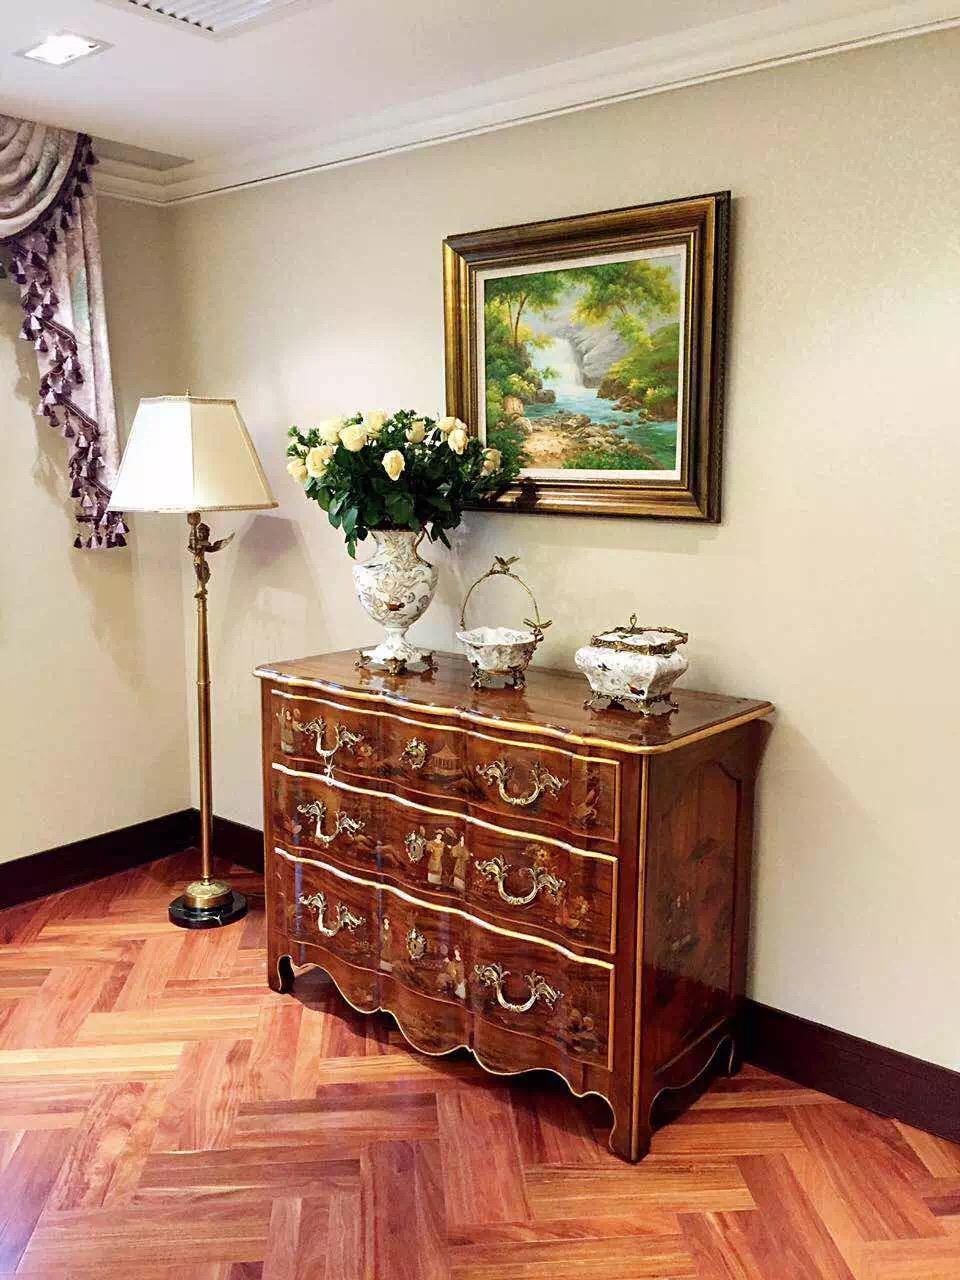 法式 原创国际 别墅设计 品质墅装 全案 玄关图片来自原创国际别墅装饰在公园1872的分享